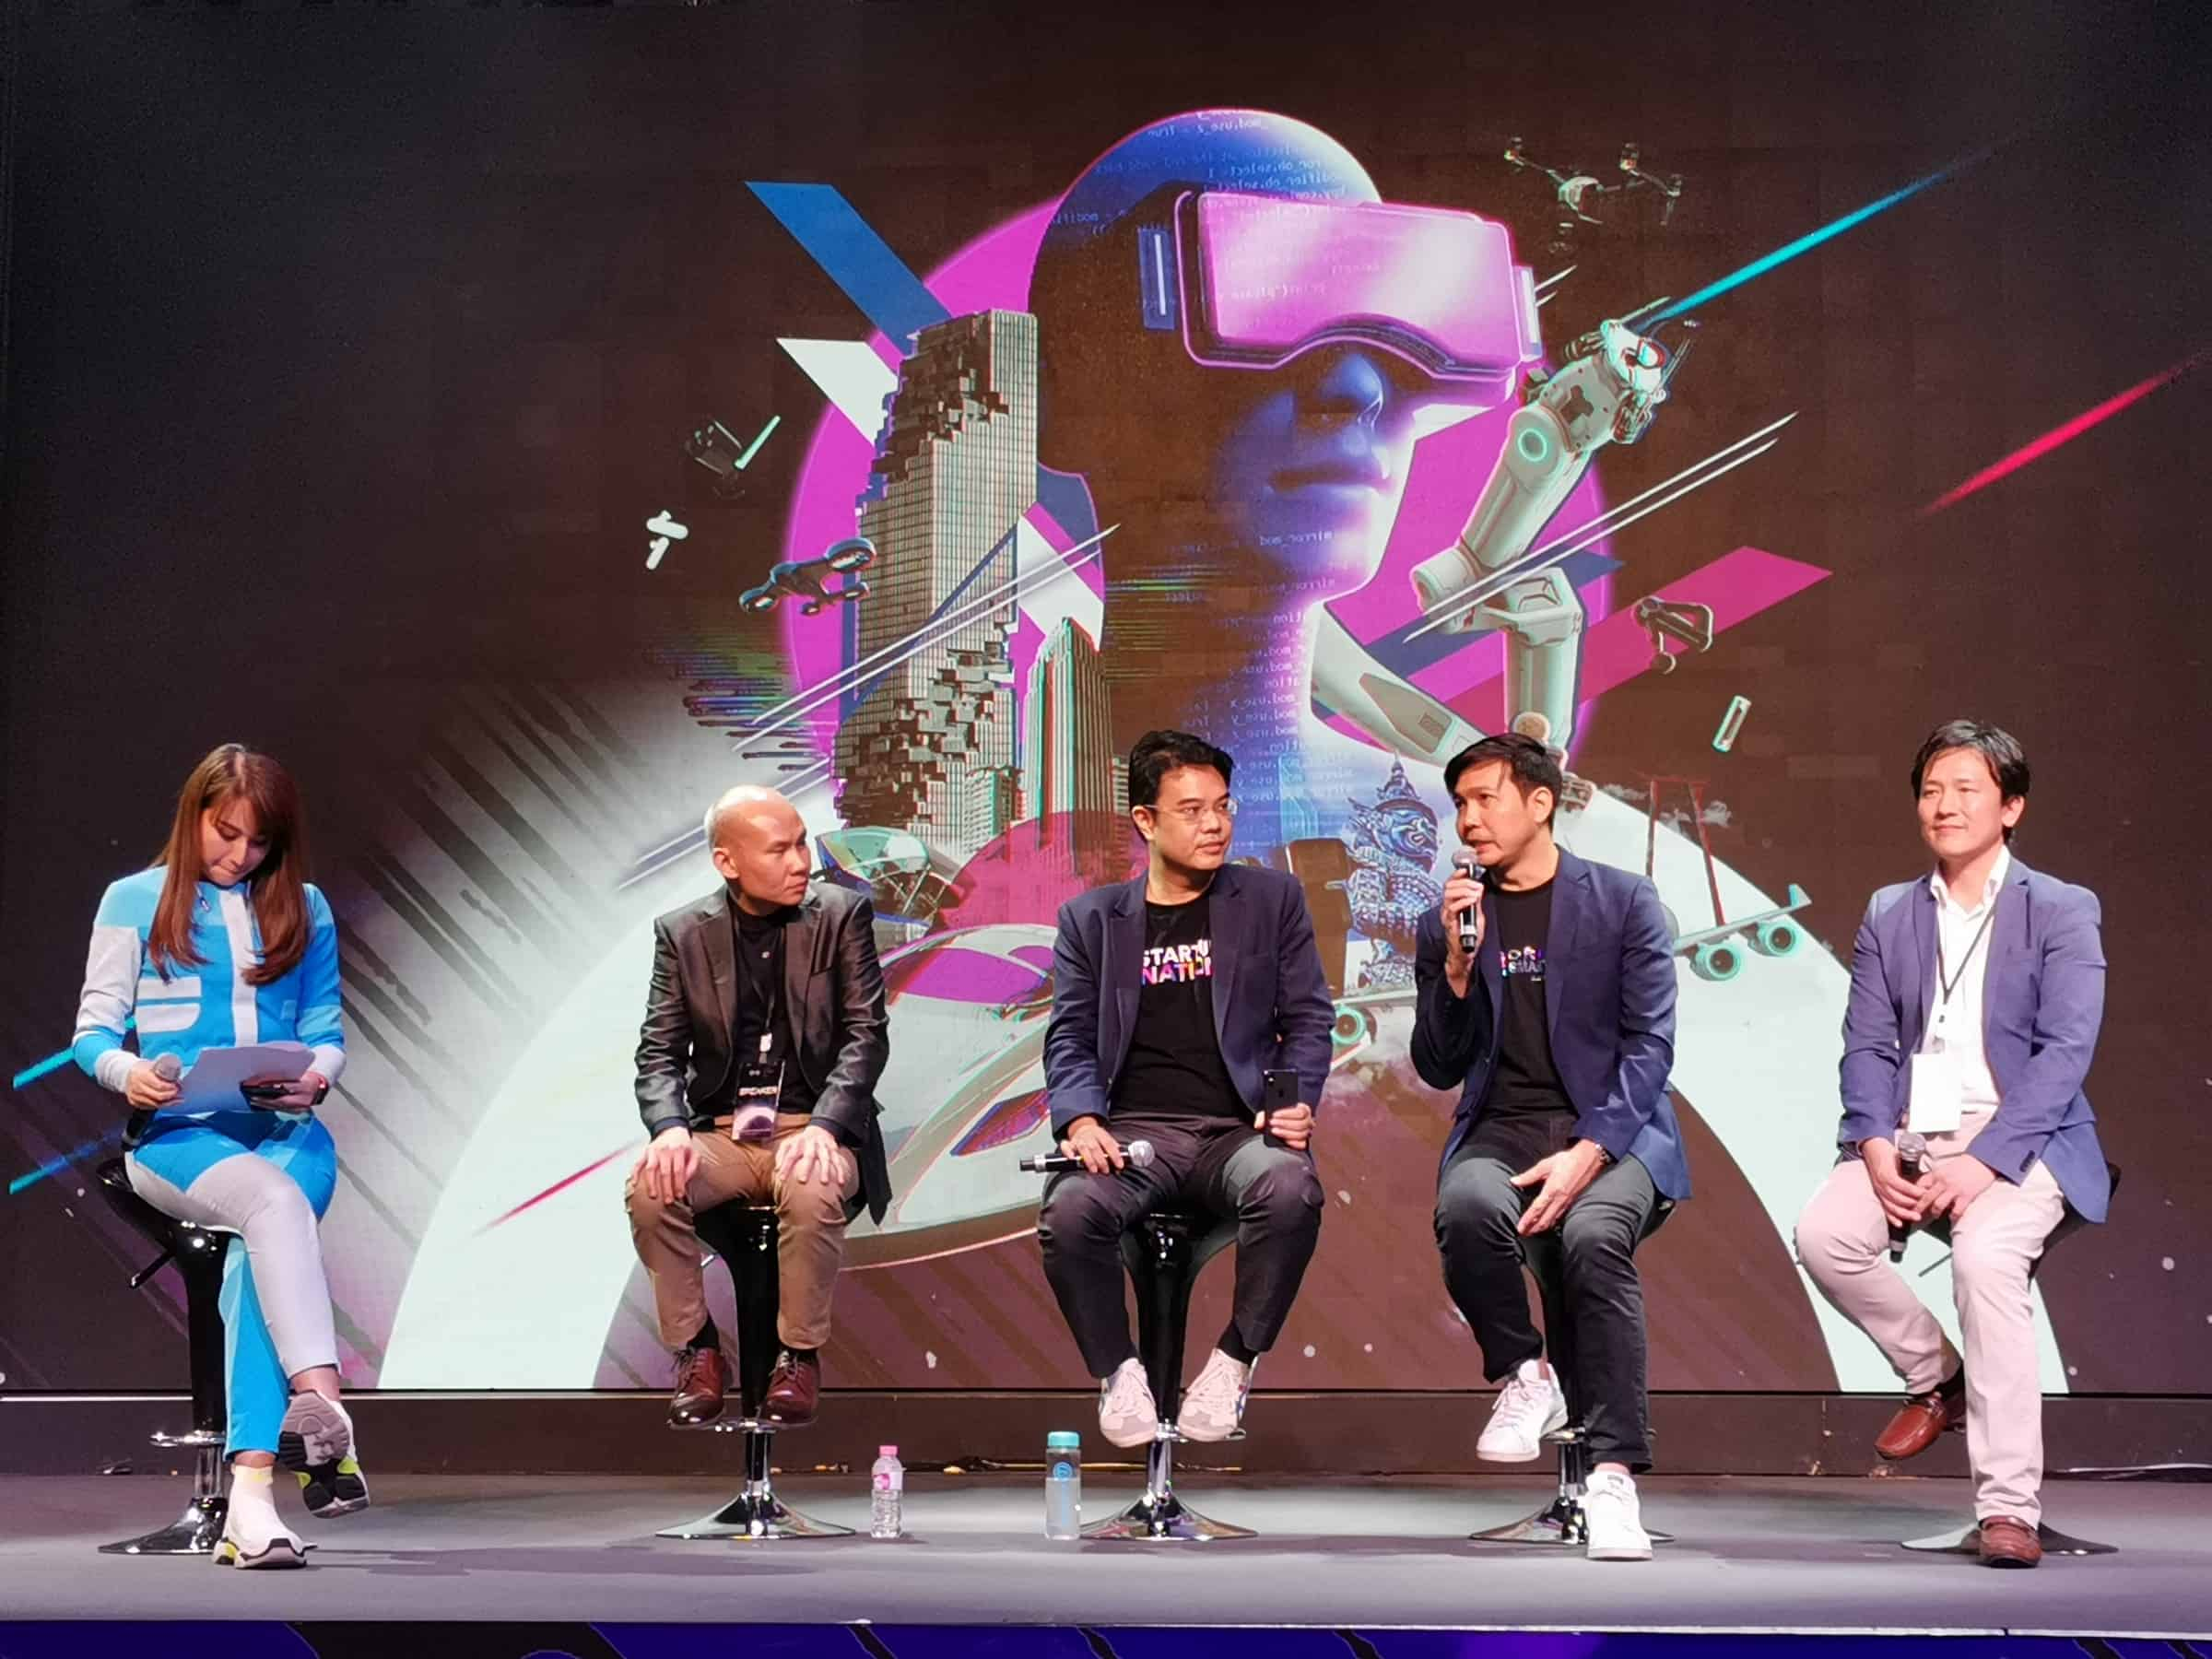 """ออริจิ้น ร่วมโชว์ศักยภาพสุดสมาร์ทในงาน """"OIIO Thailand TECHLAND 2019"""""""